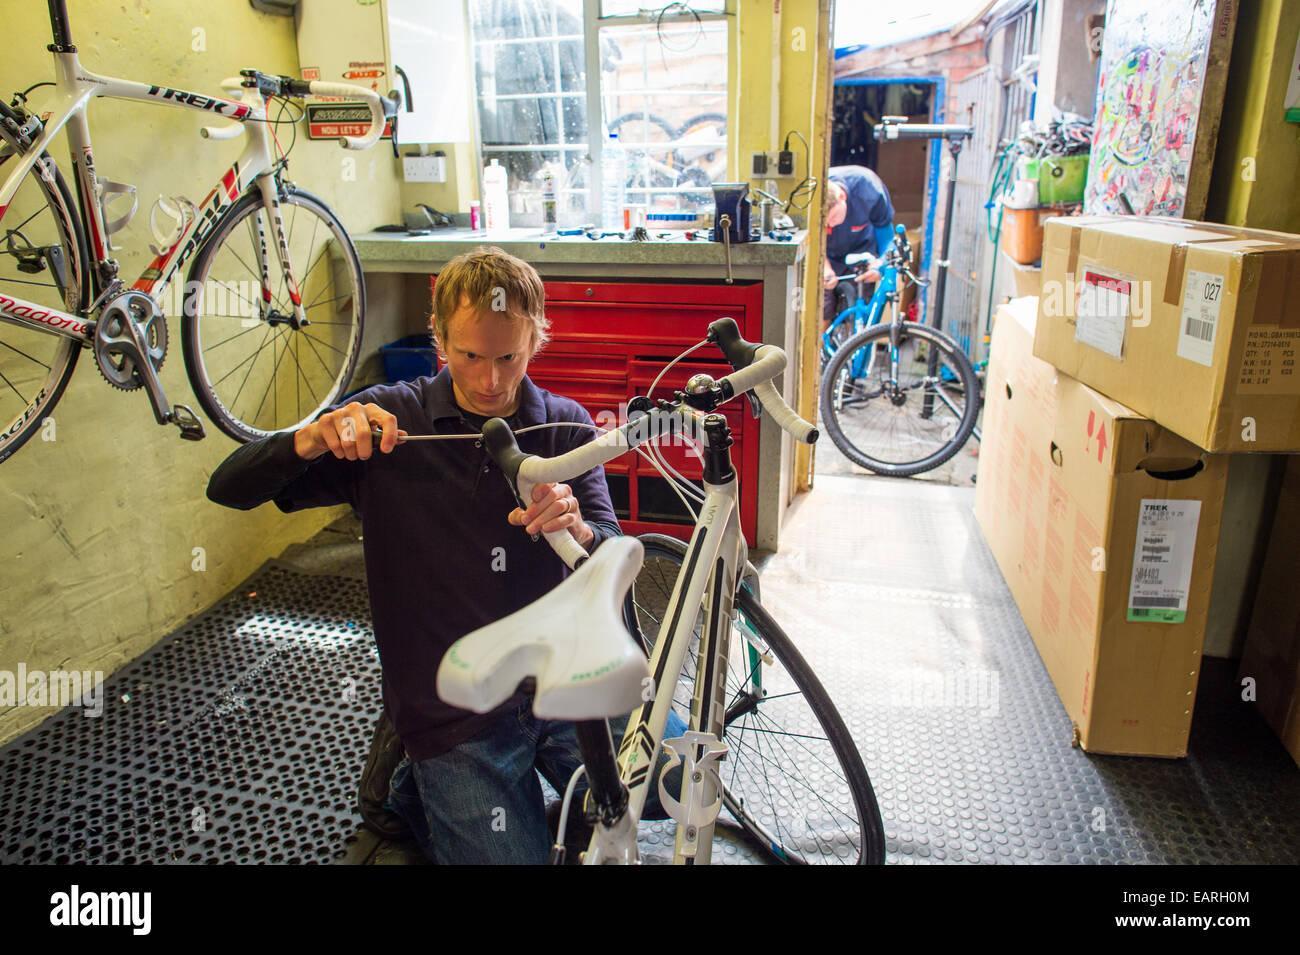 Réglage d'un travailleur de la réparation La réparation vélo lors de cycles de sommet, les Photo Stock